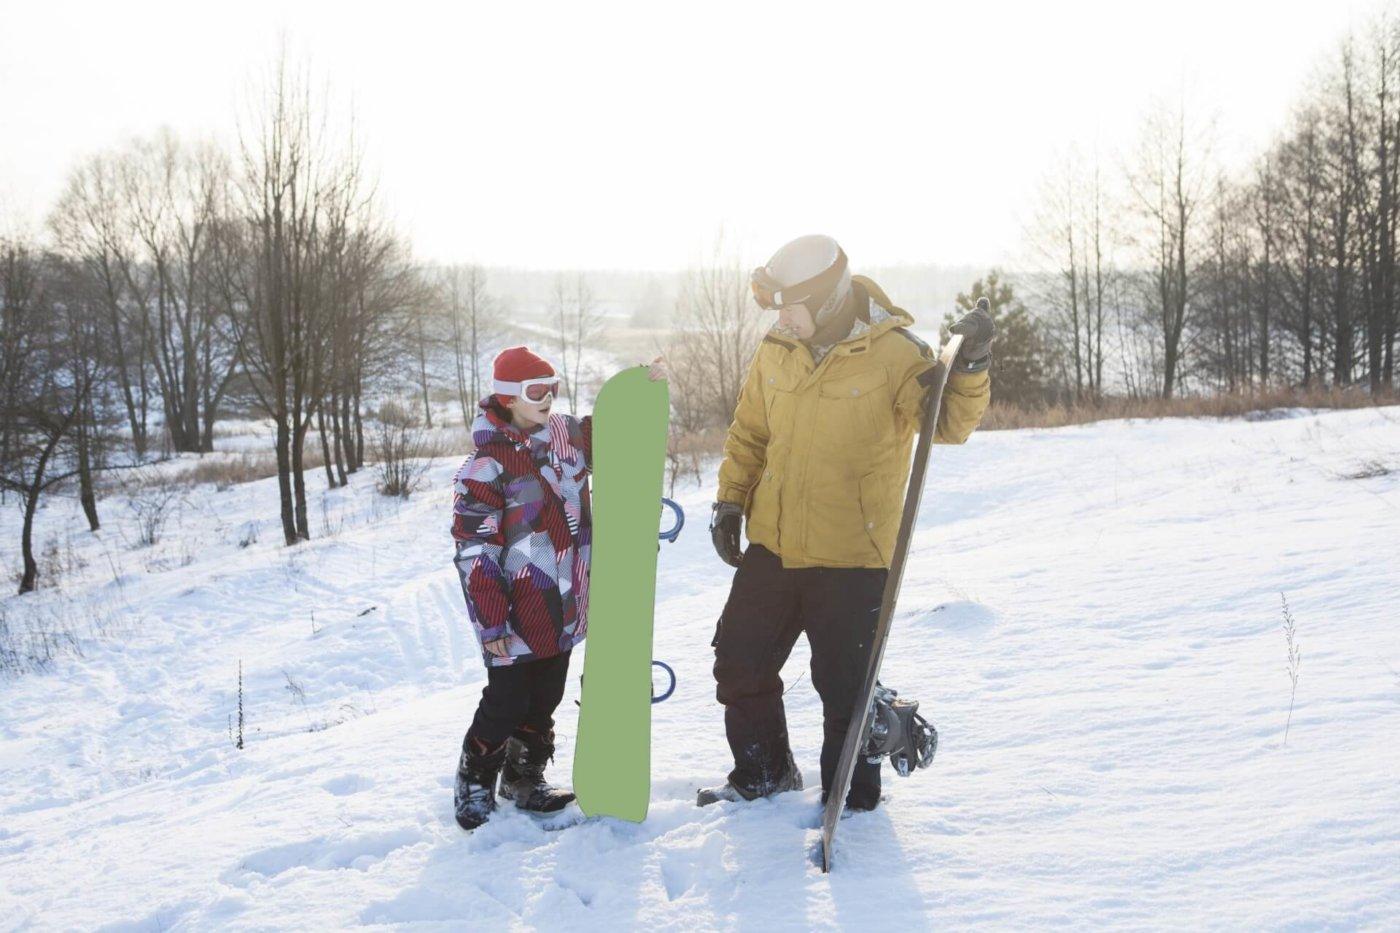 パーカーを着てスノーボードをしよう